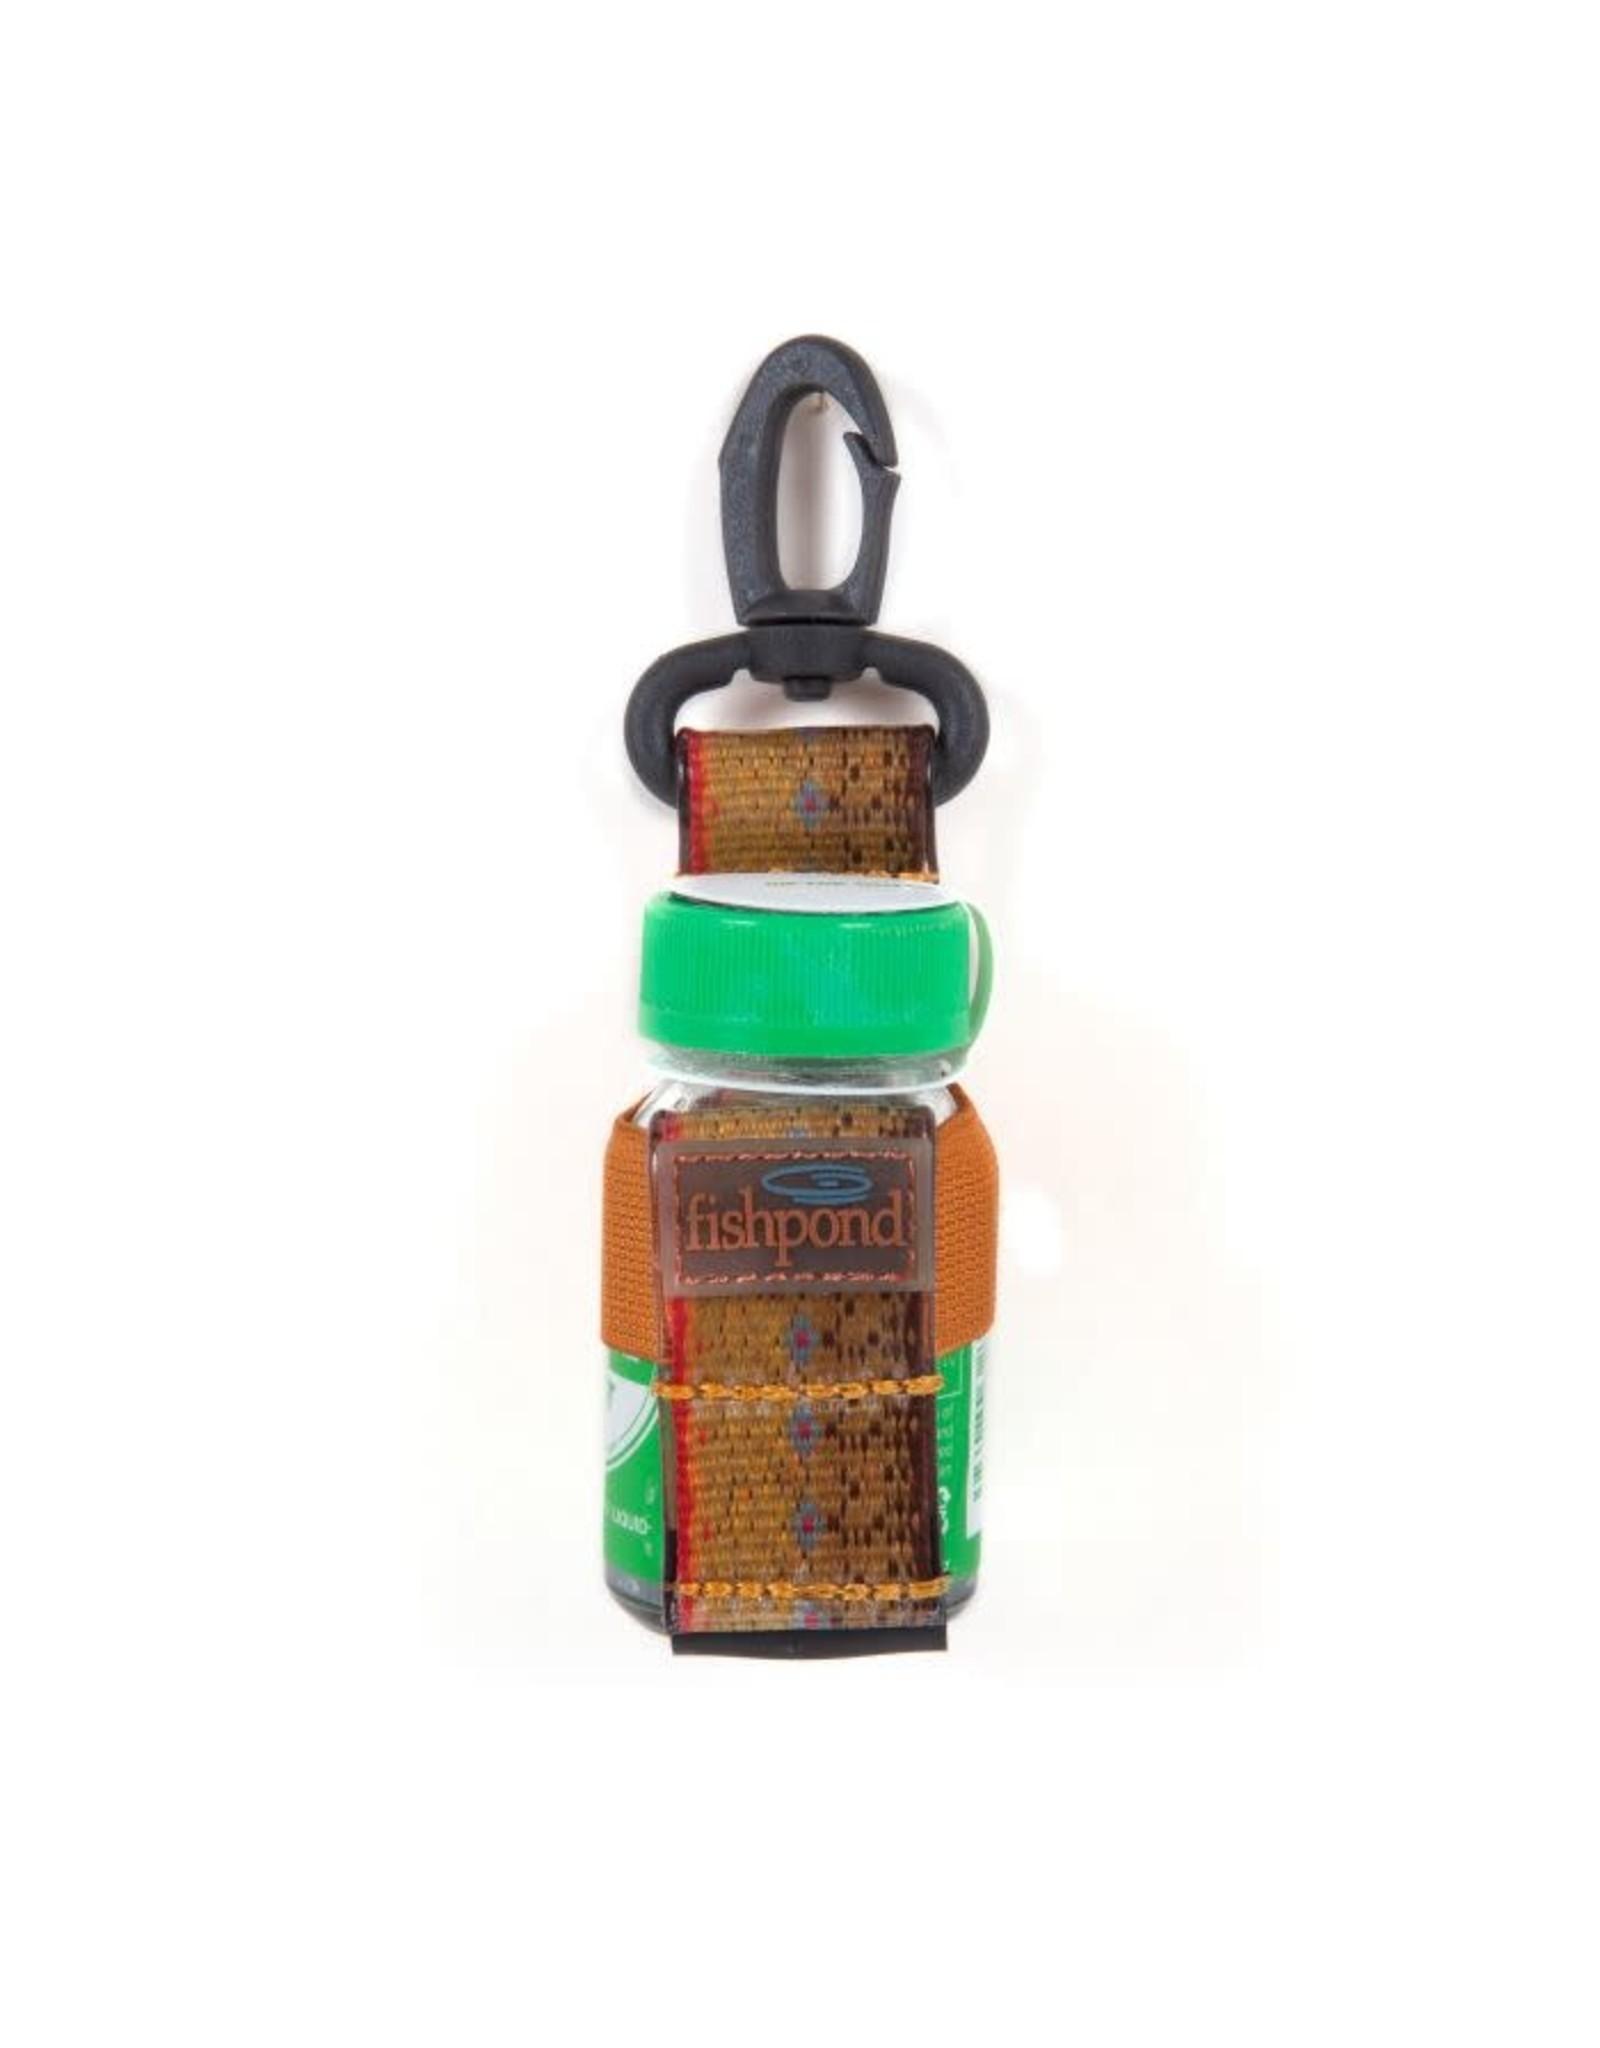 FISHPOND Fishpond Dry Shake Bottle Holder - Brown Trout